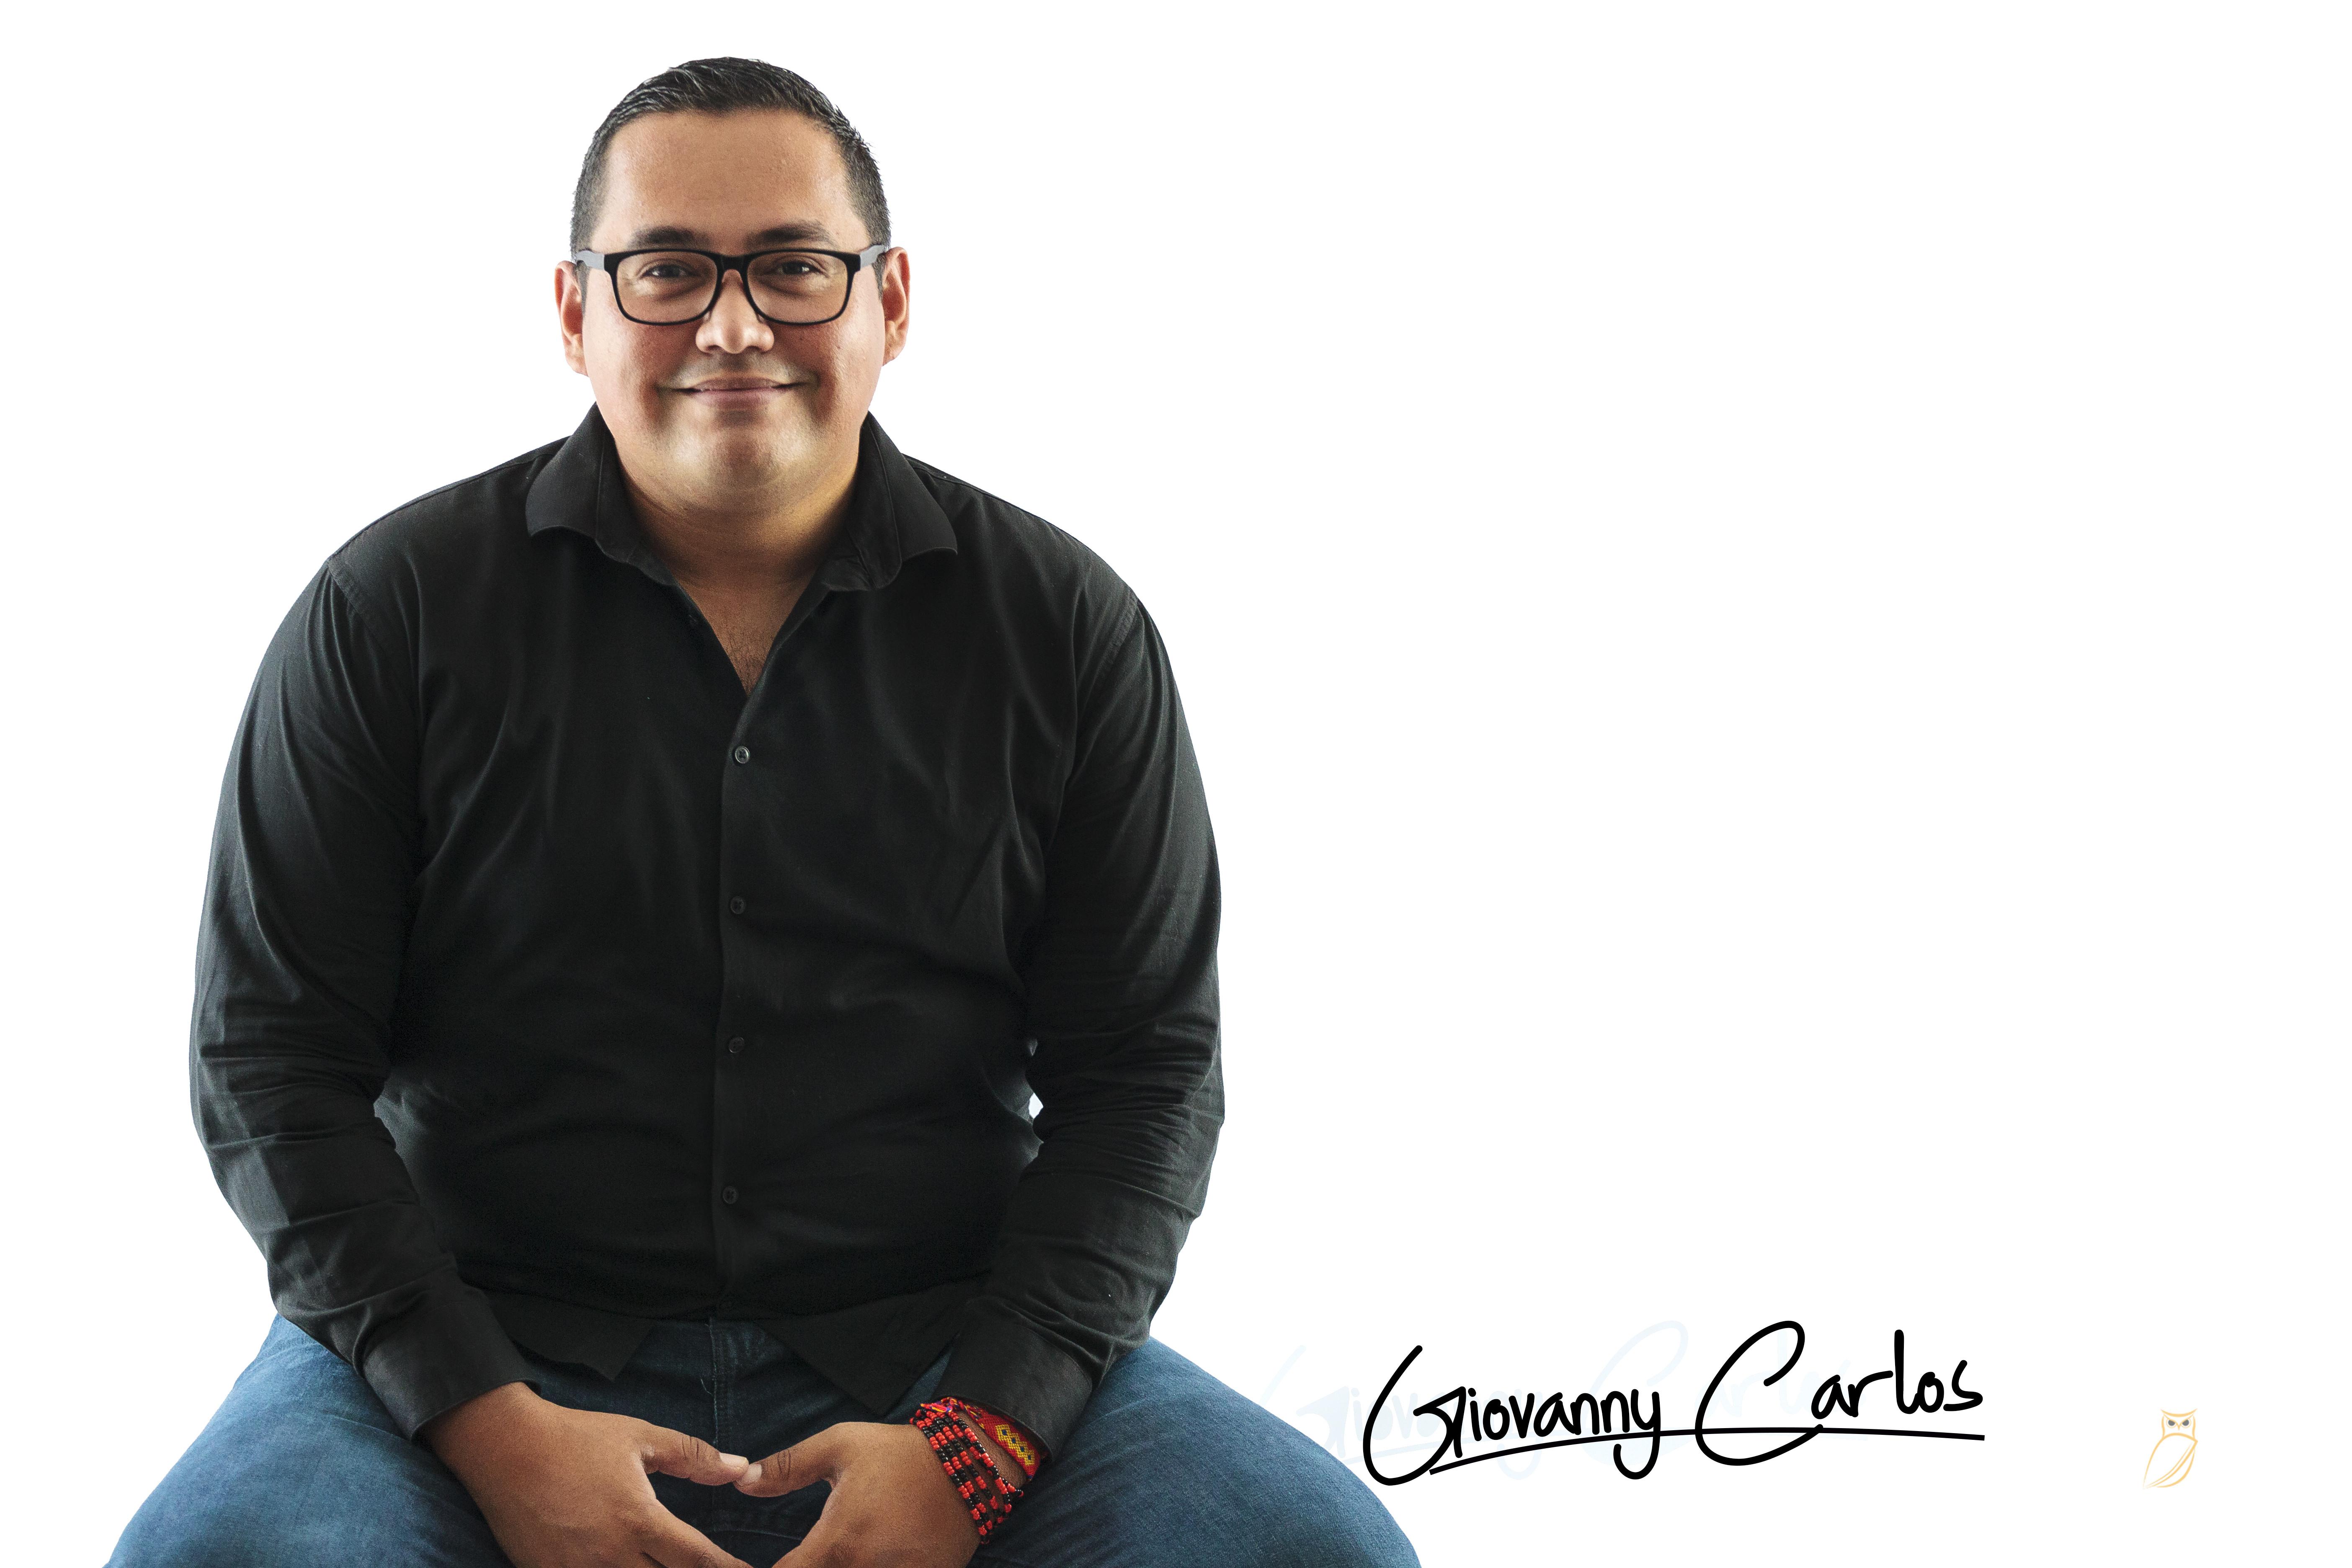 Giovanny Carlos